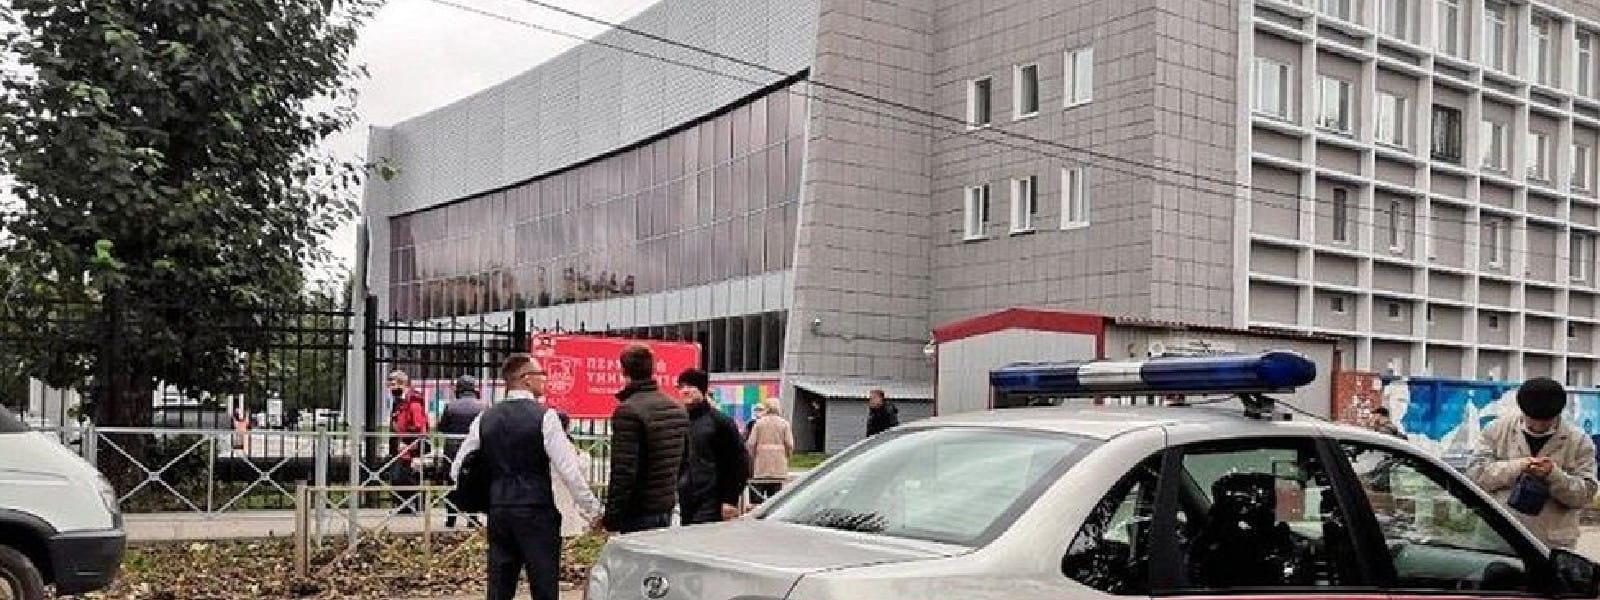 ரஷ்யாவின் Perm பல்கலைக்கழகத்தில் துப்பாக்கி சூடு; 08 பேர் பலி